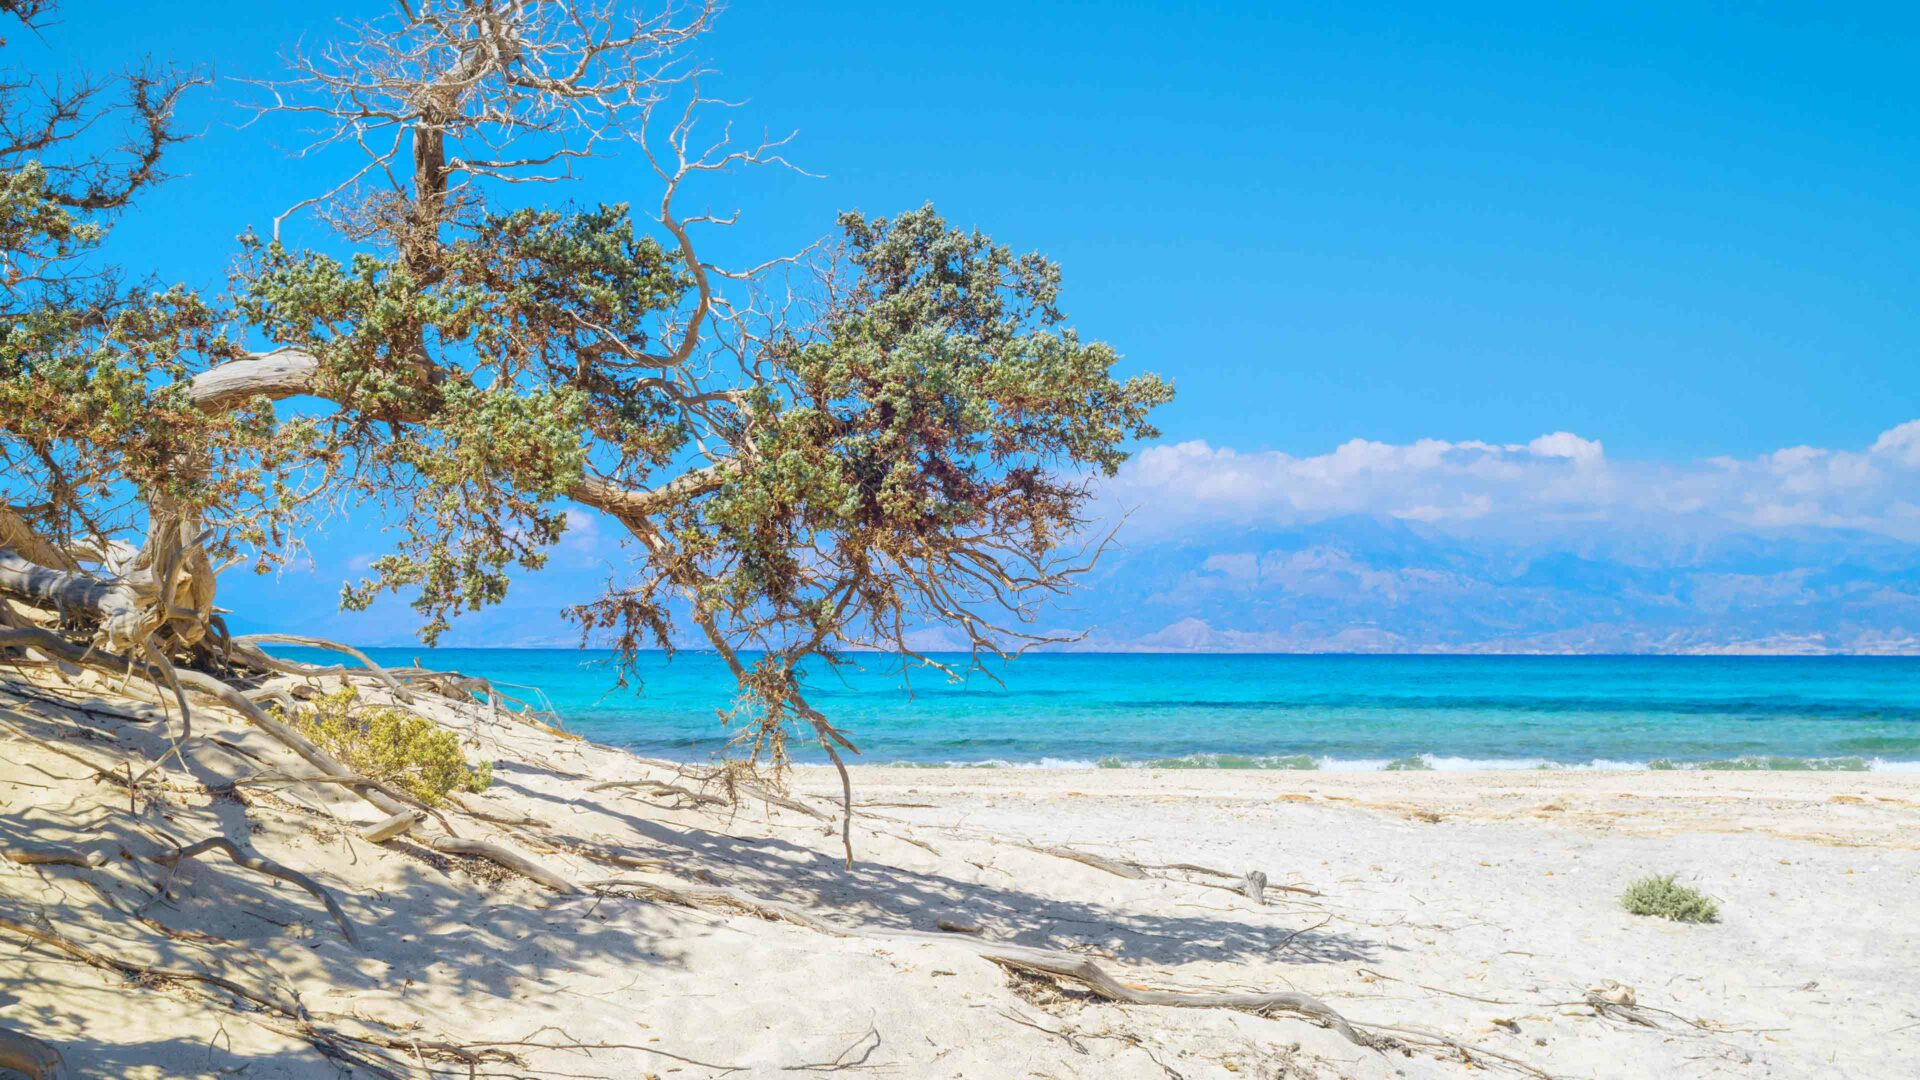 Kreta strand Chrissi beach